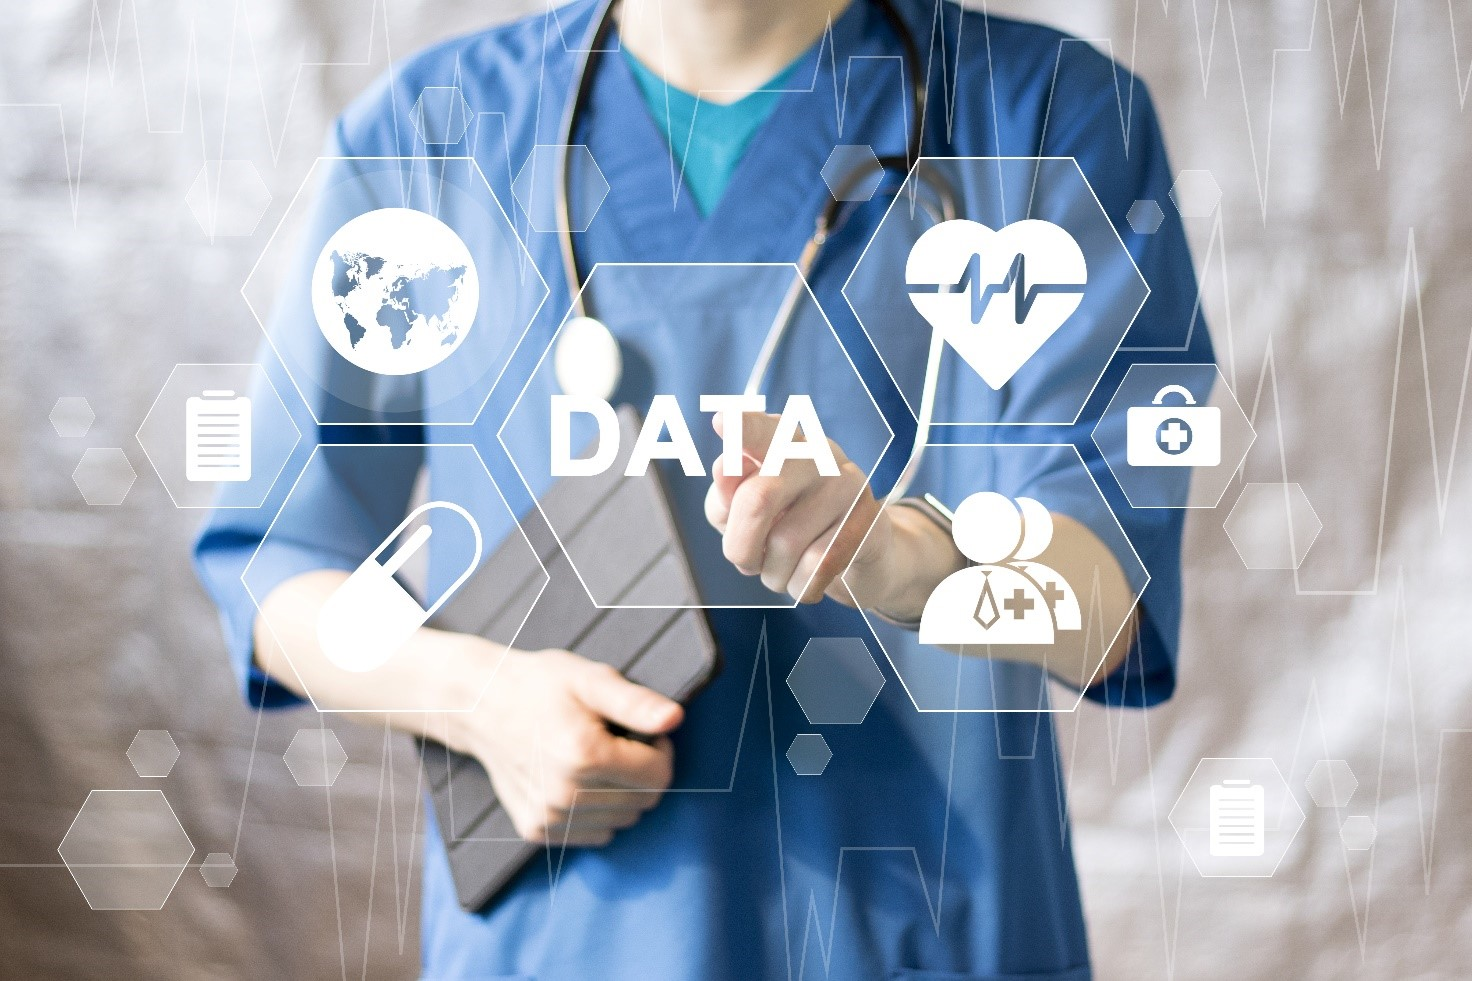 Utilizzare al meglio i Big Data per la salute pubblica